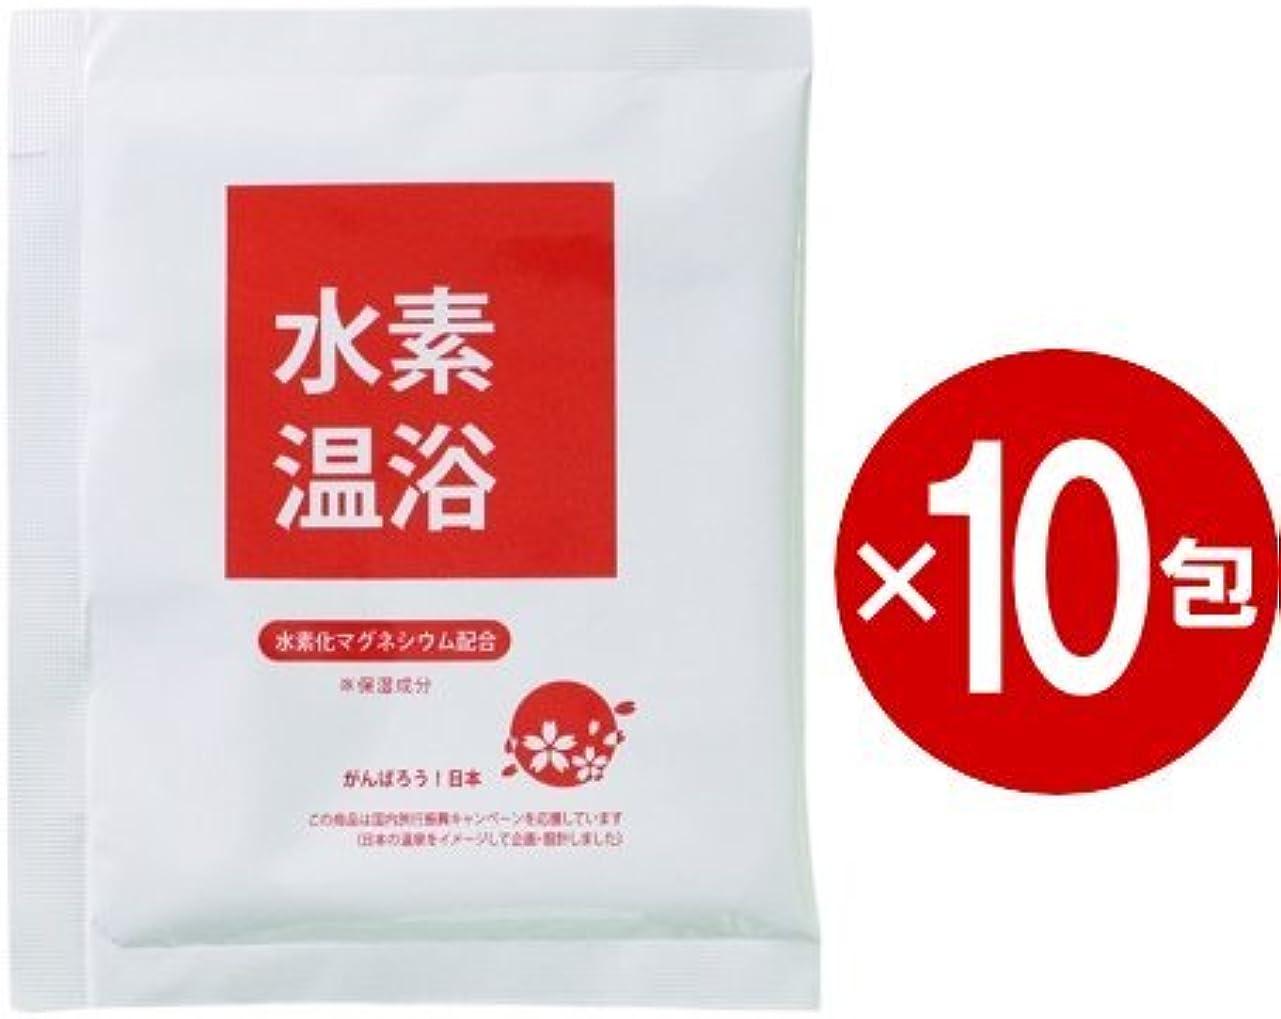 最初は栄光の今水素温浴 【水素化マグネシウム配合】入浴剤10袋入り (限定お試し価格)